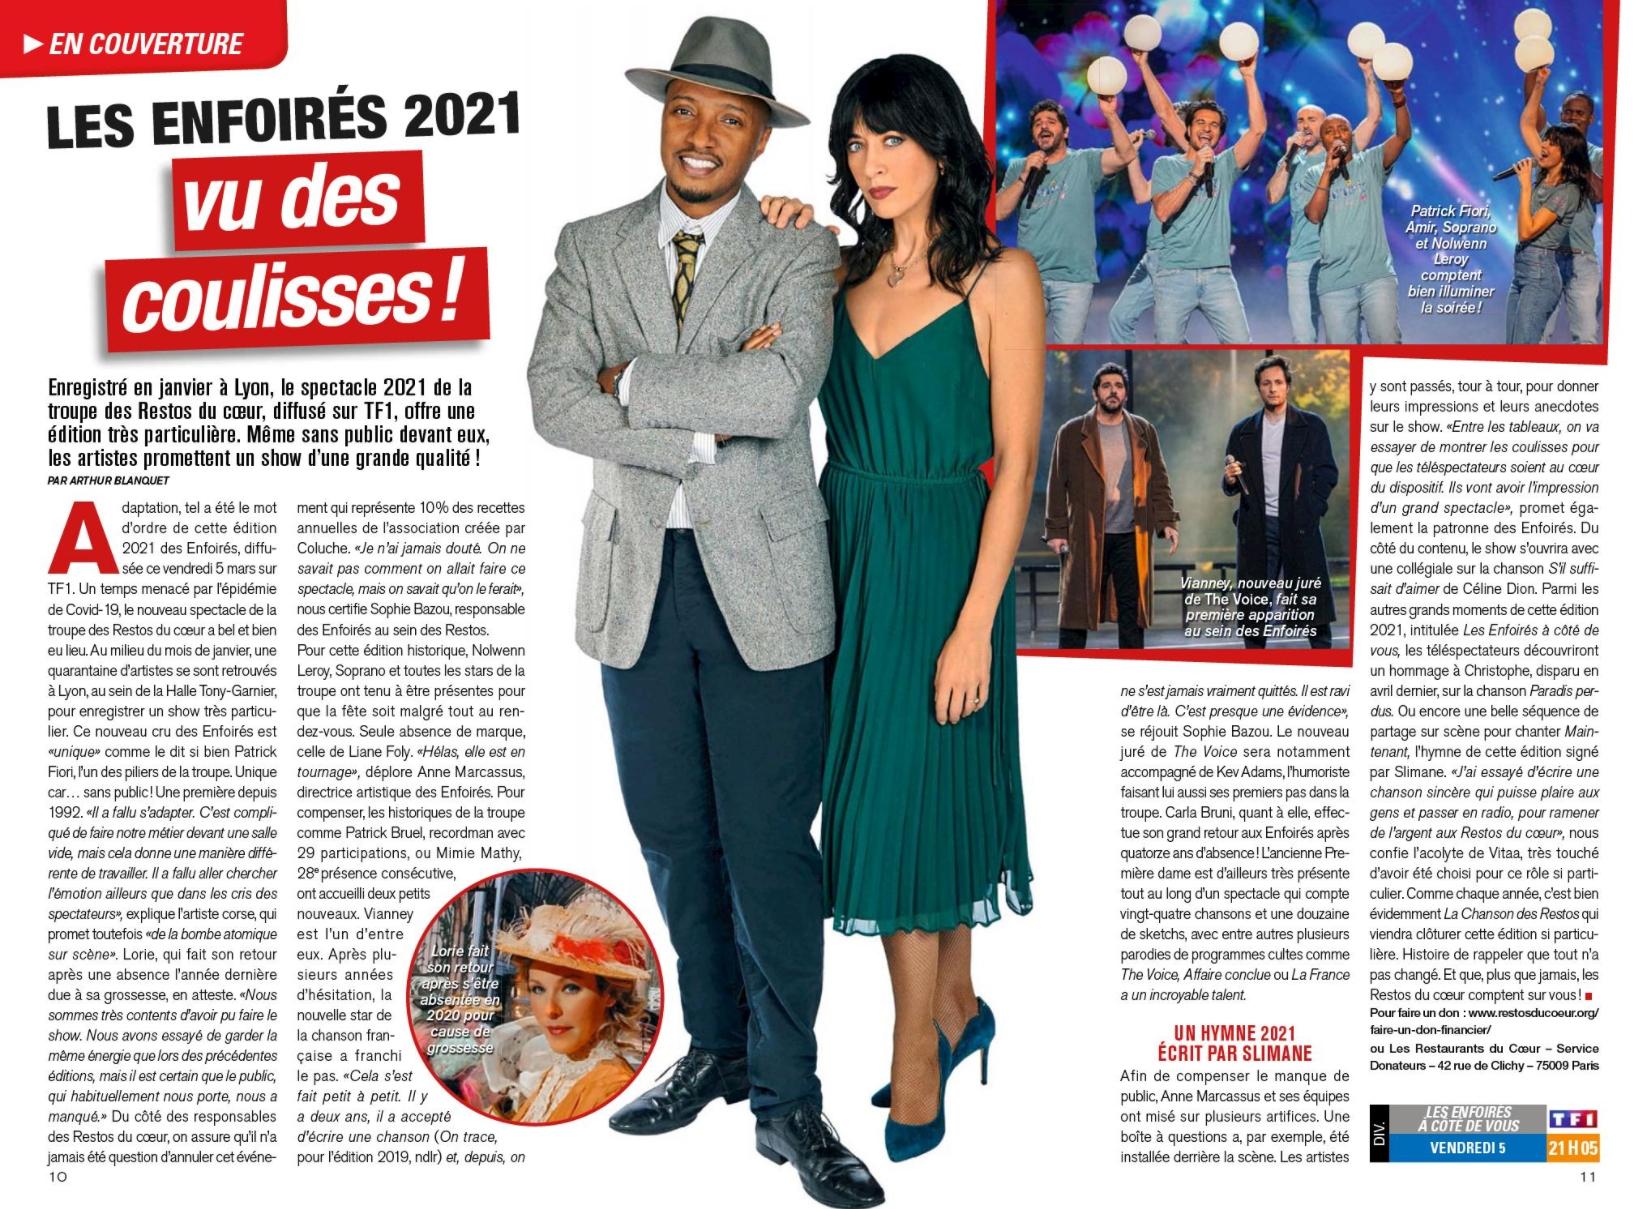 La presse des Enfoirés 2021 210217_telemagazine-02